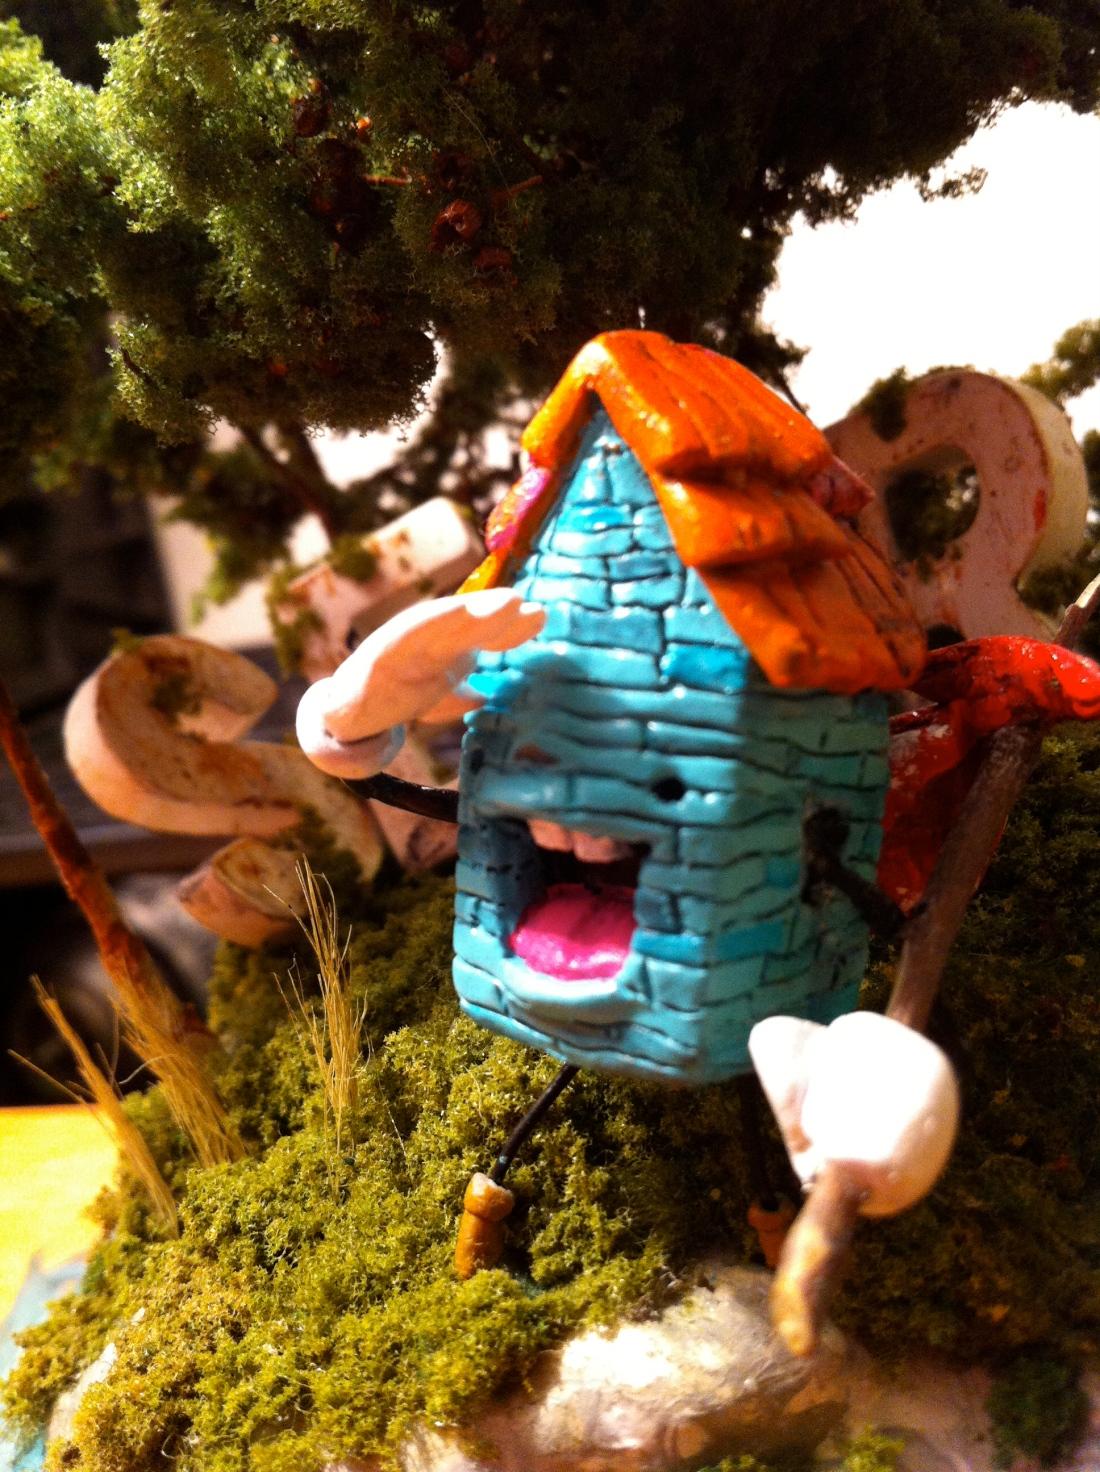 Insearchof_detail_sculpture_miniature_diorama